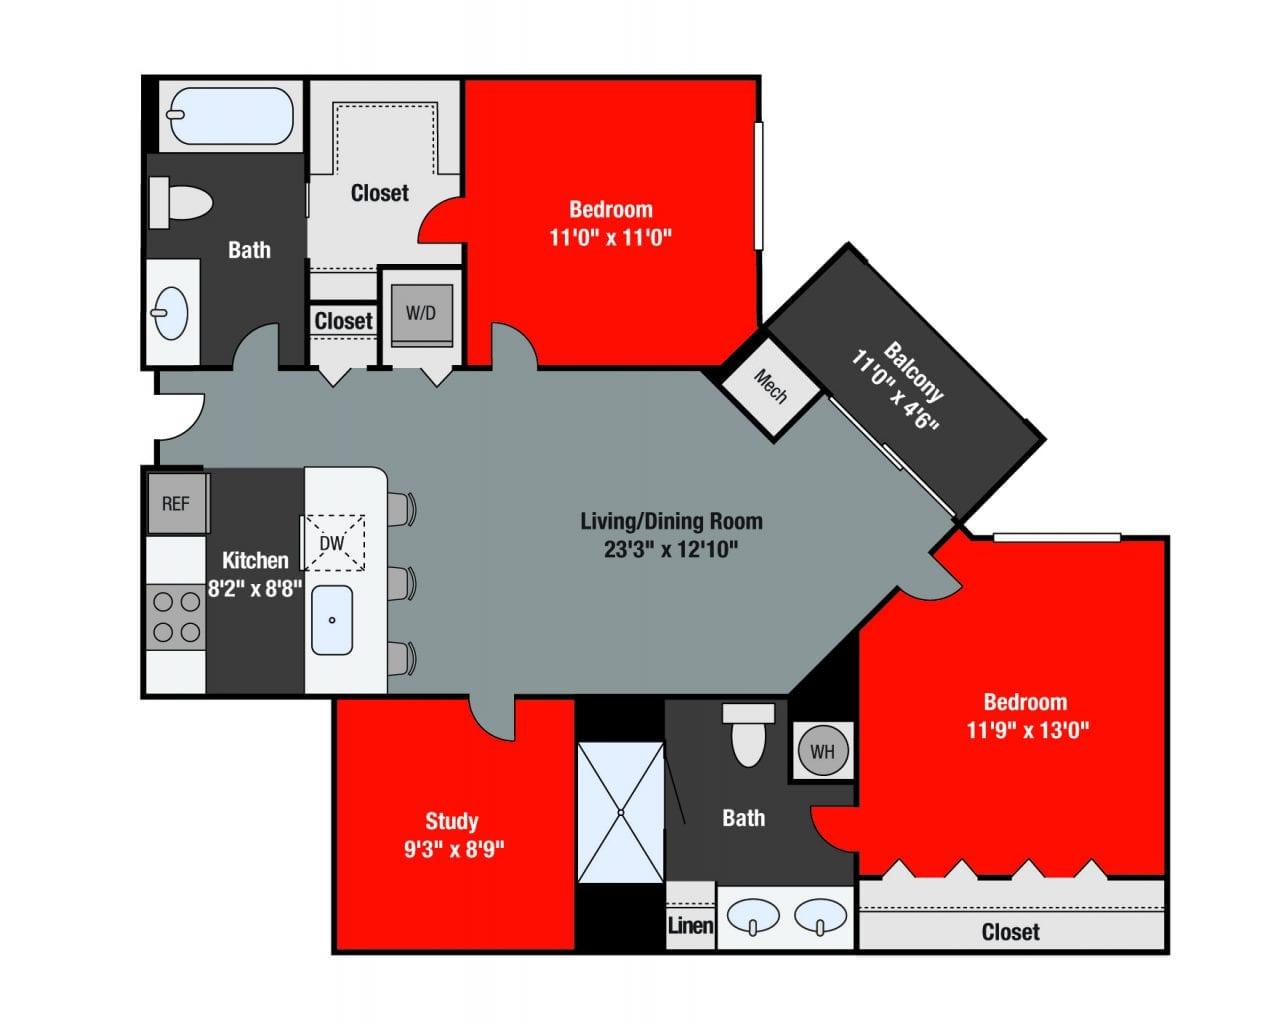 Apartments For Rent TGM NorthShore - Prescott with study